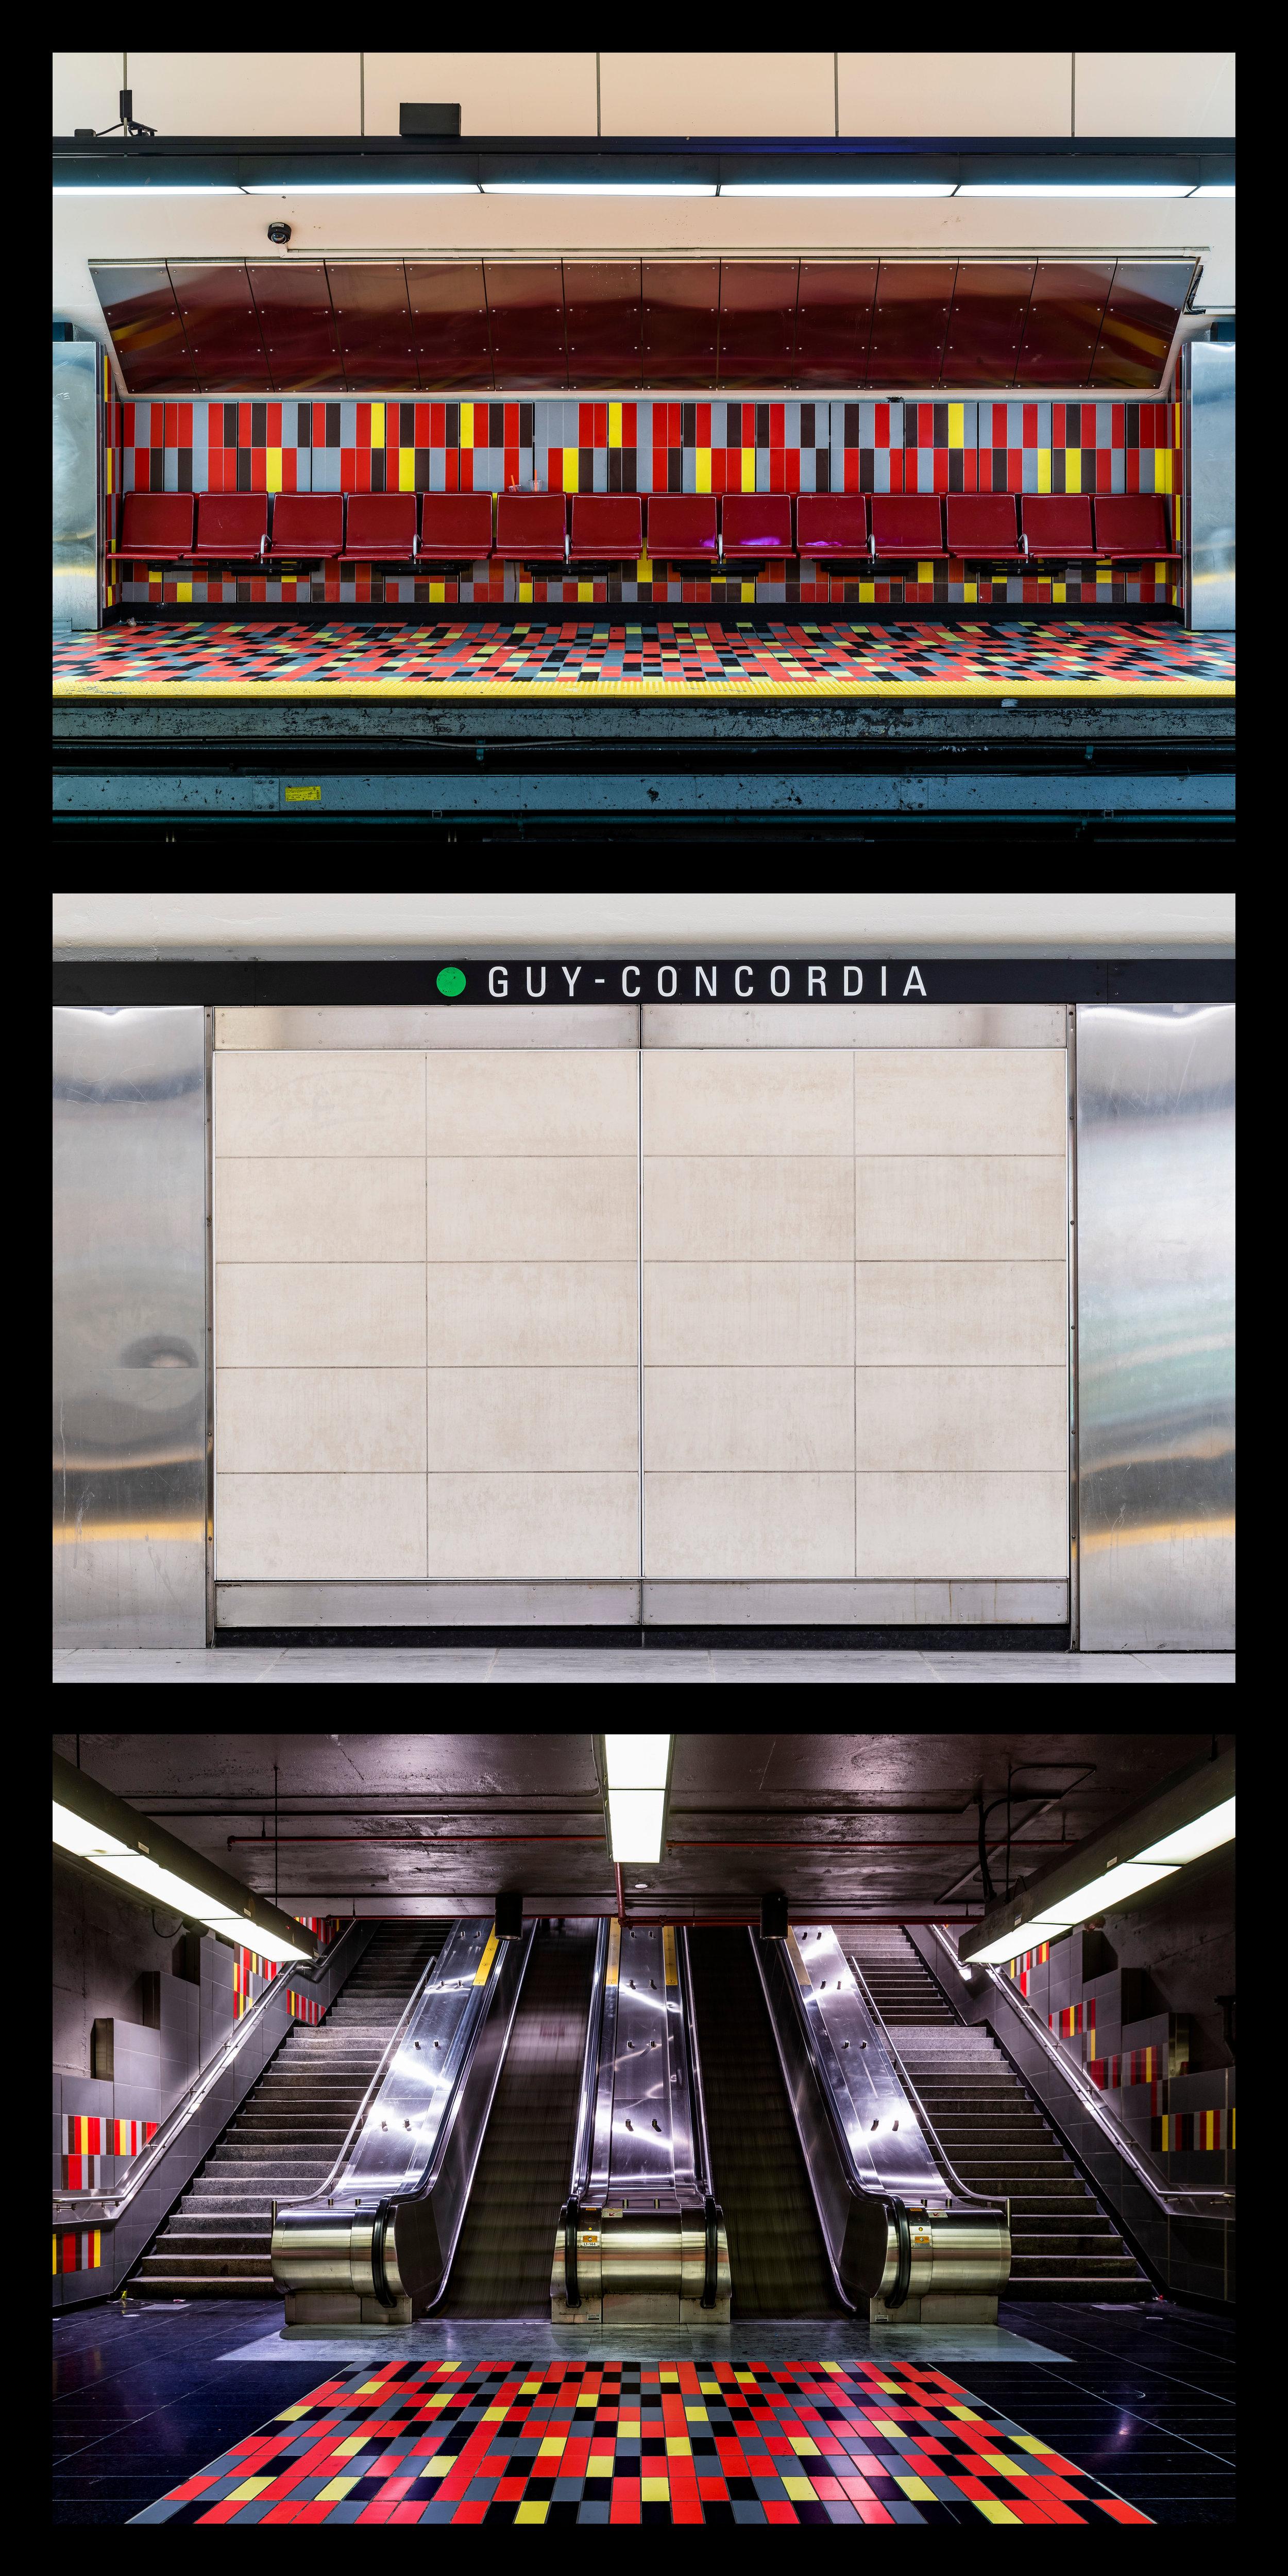 Guy-Concordia.jpg